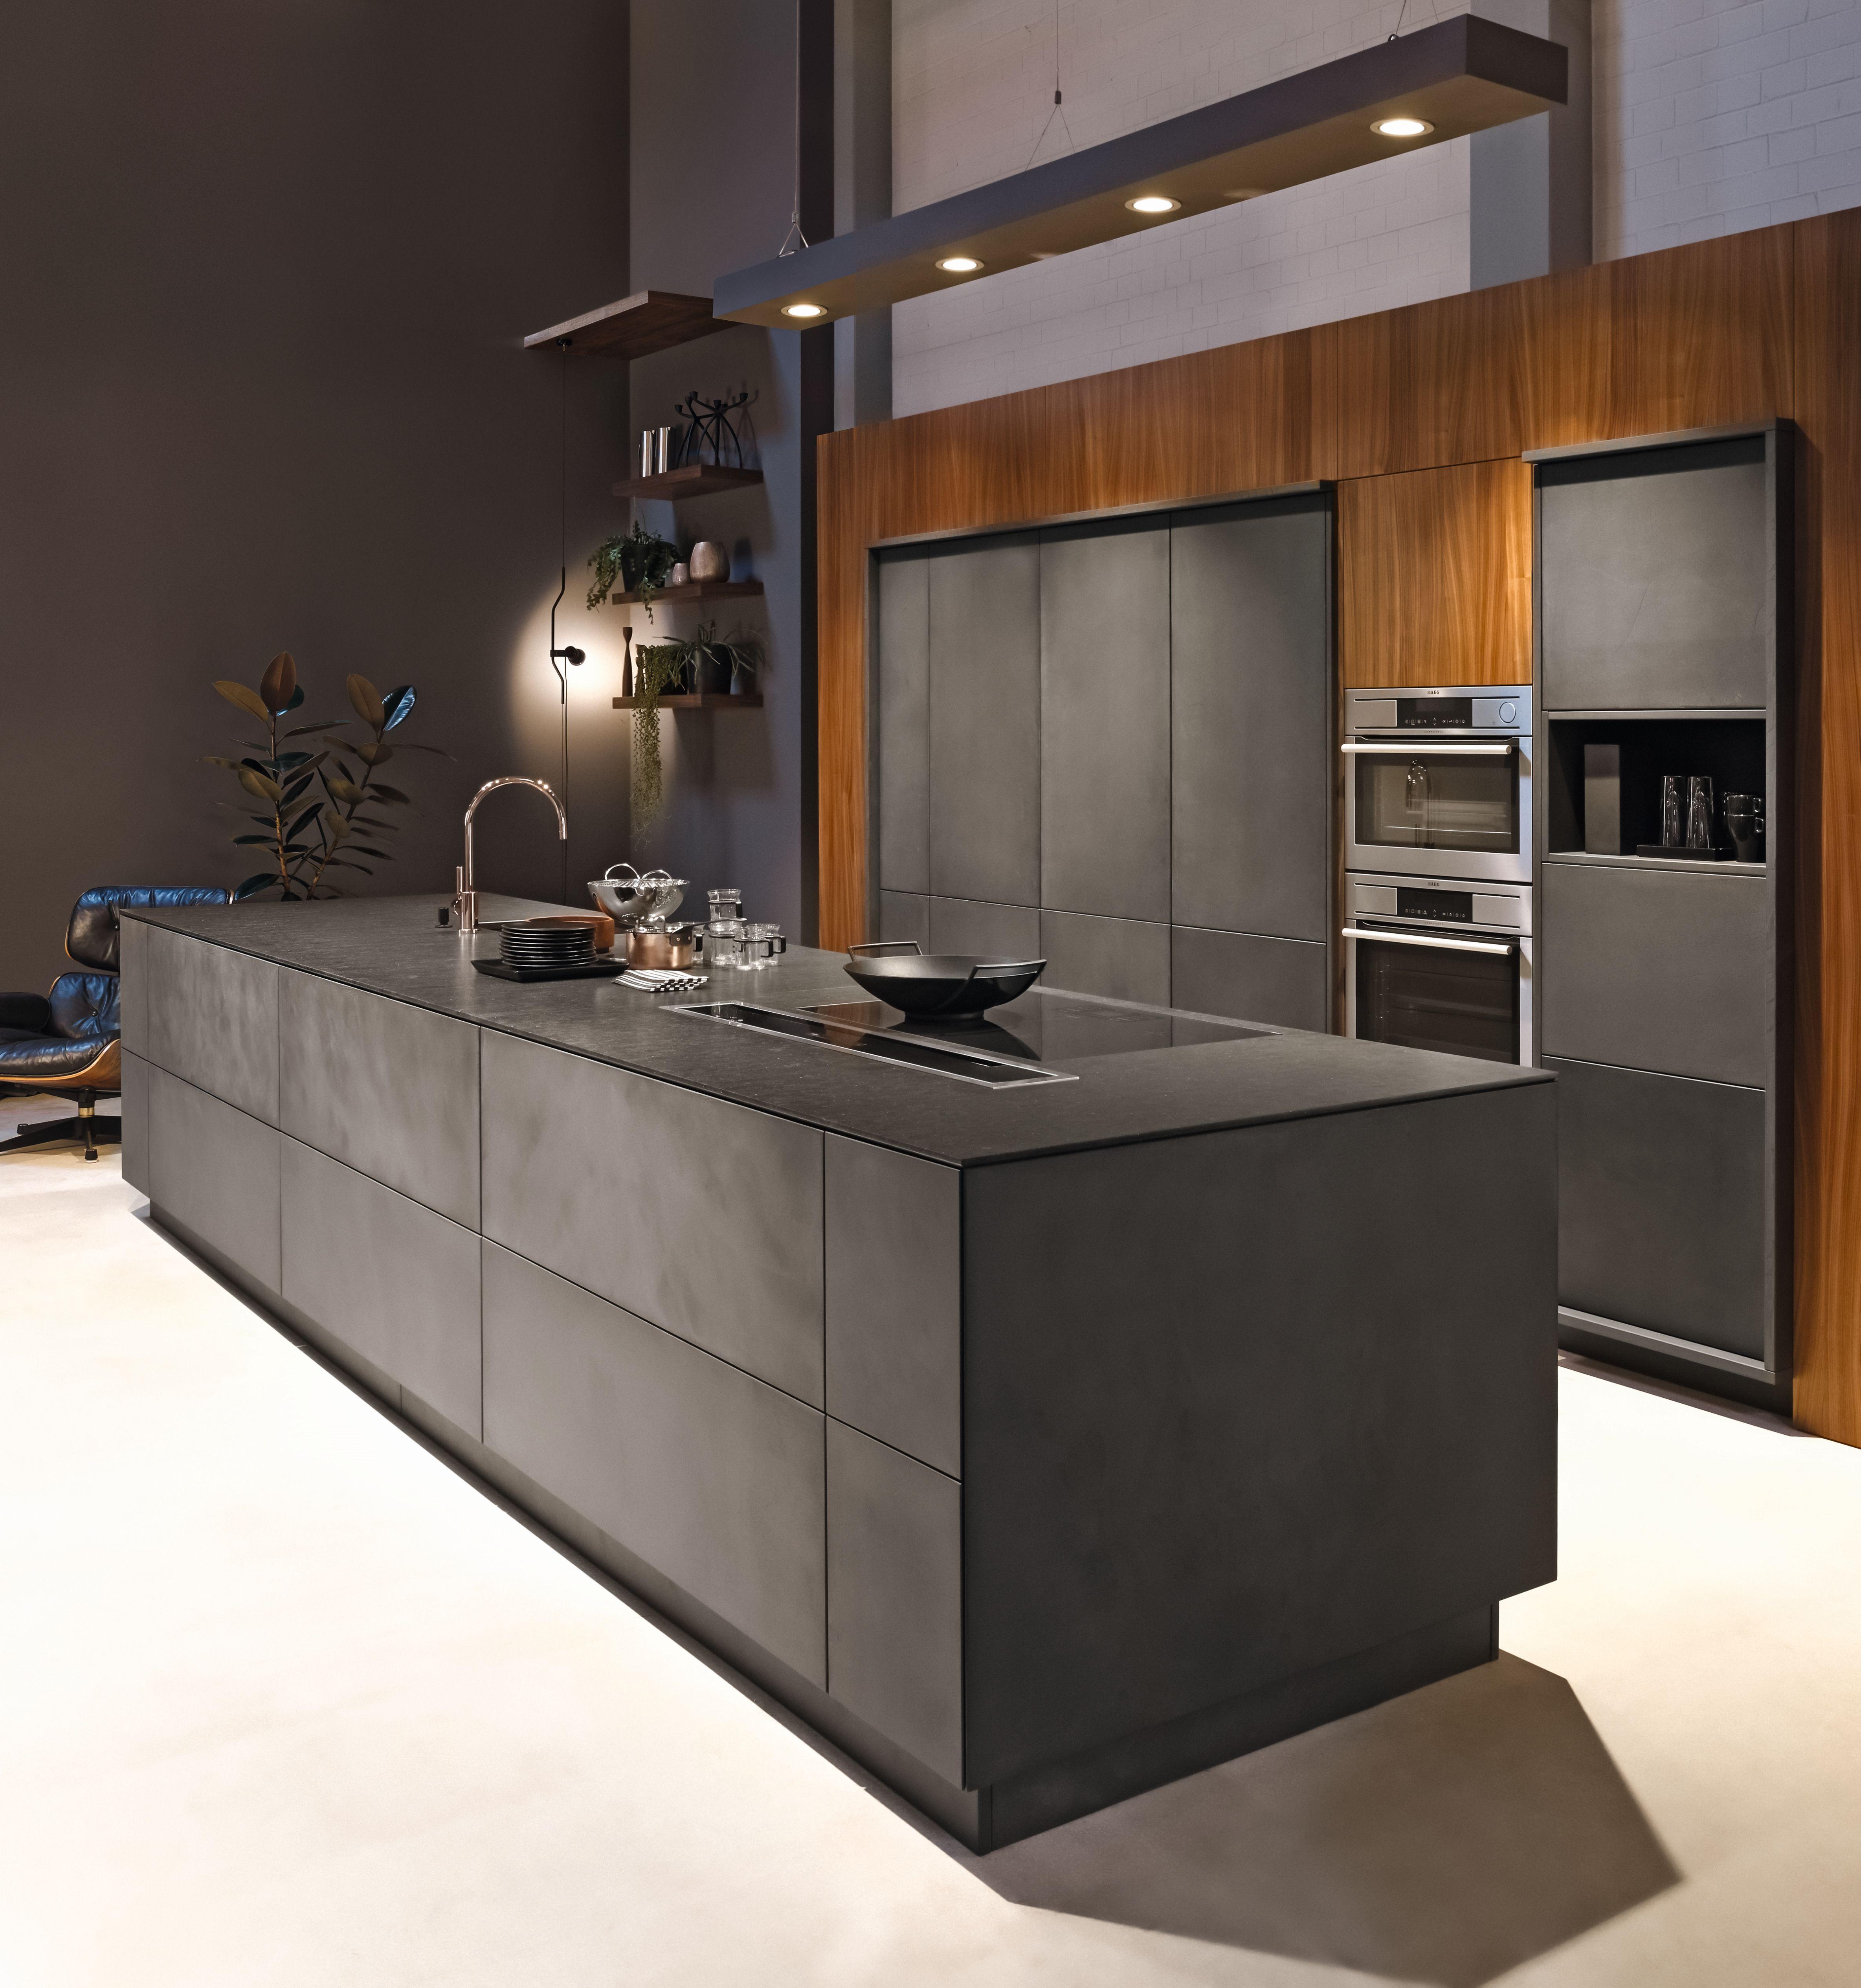 tiroler k chenstudio kh system k chen. Black Bedroom Furniture Sets. Home Design Ideas